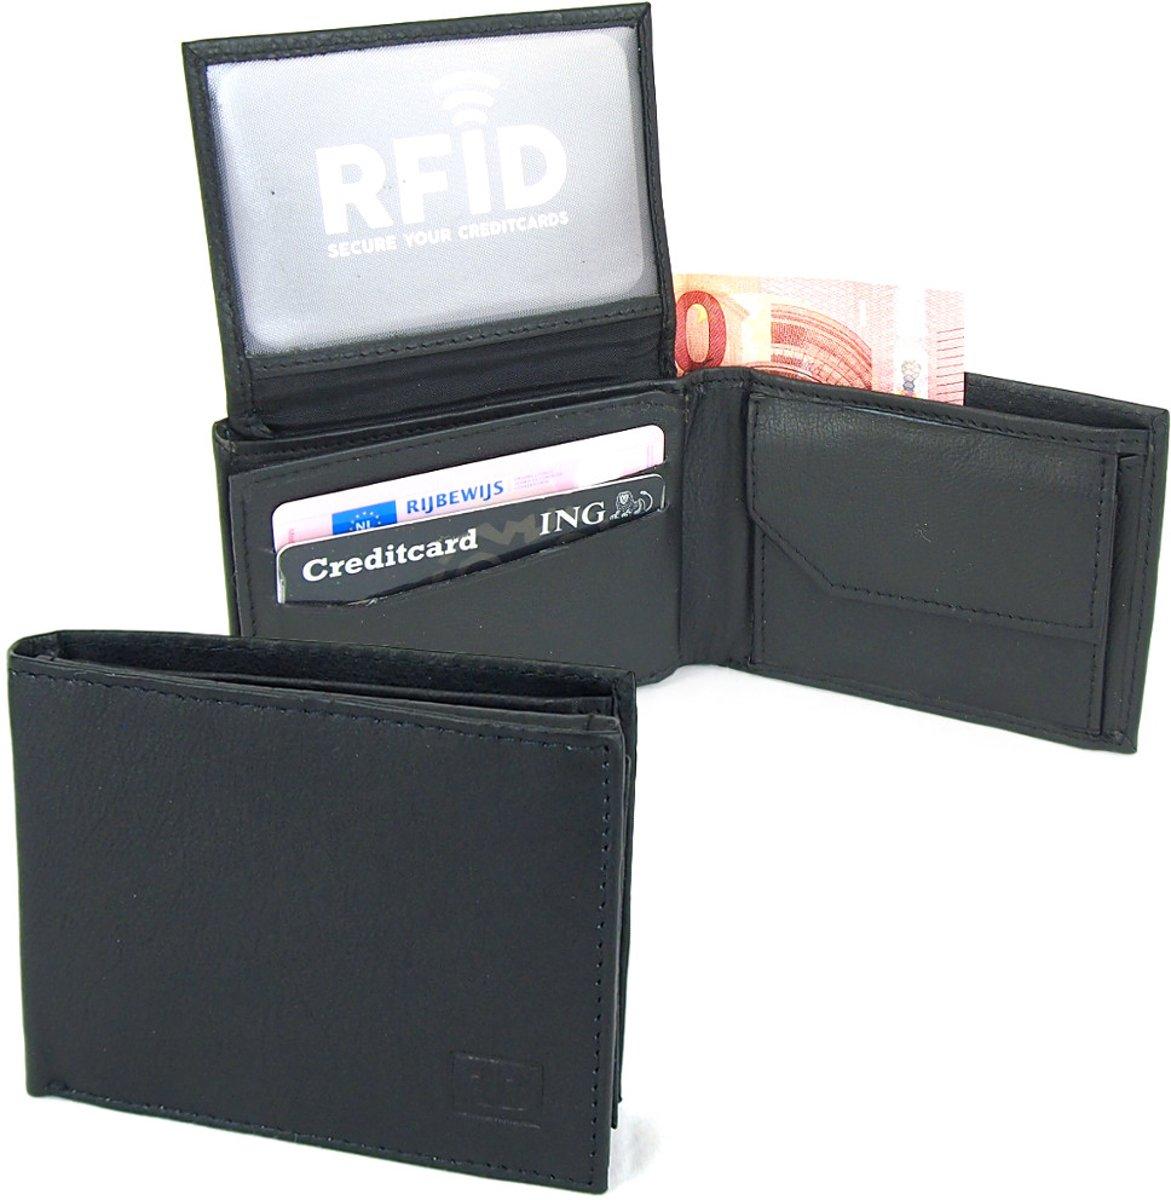 d227a65eb45 ... Businessme Kleine Portemonnee - Billfold Portemonnee - Leer - RFID  Portemonnee - Zwart - 8 Pasjes ...